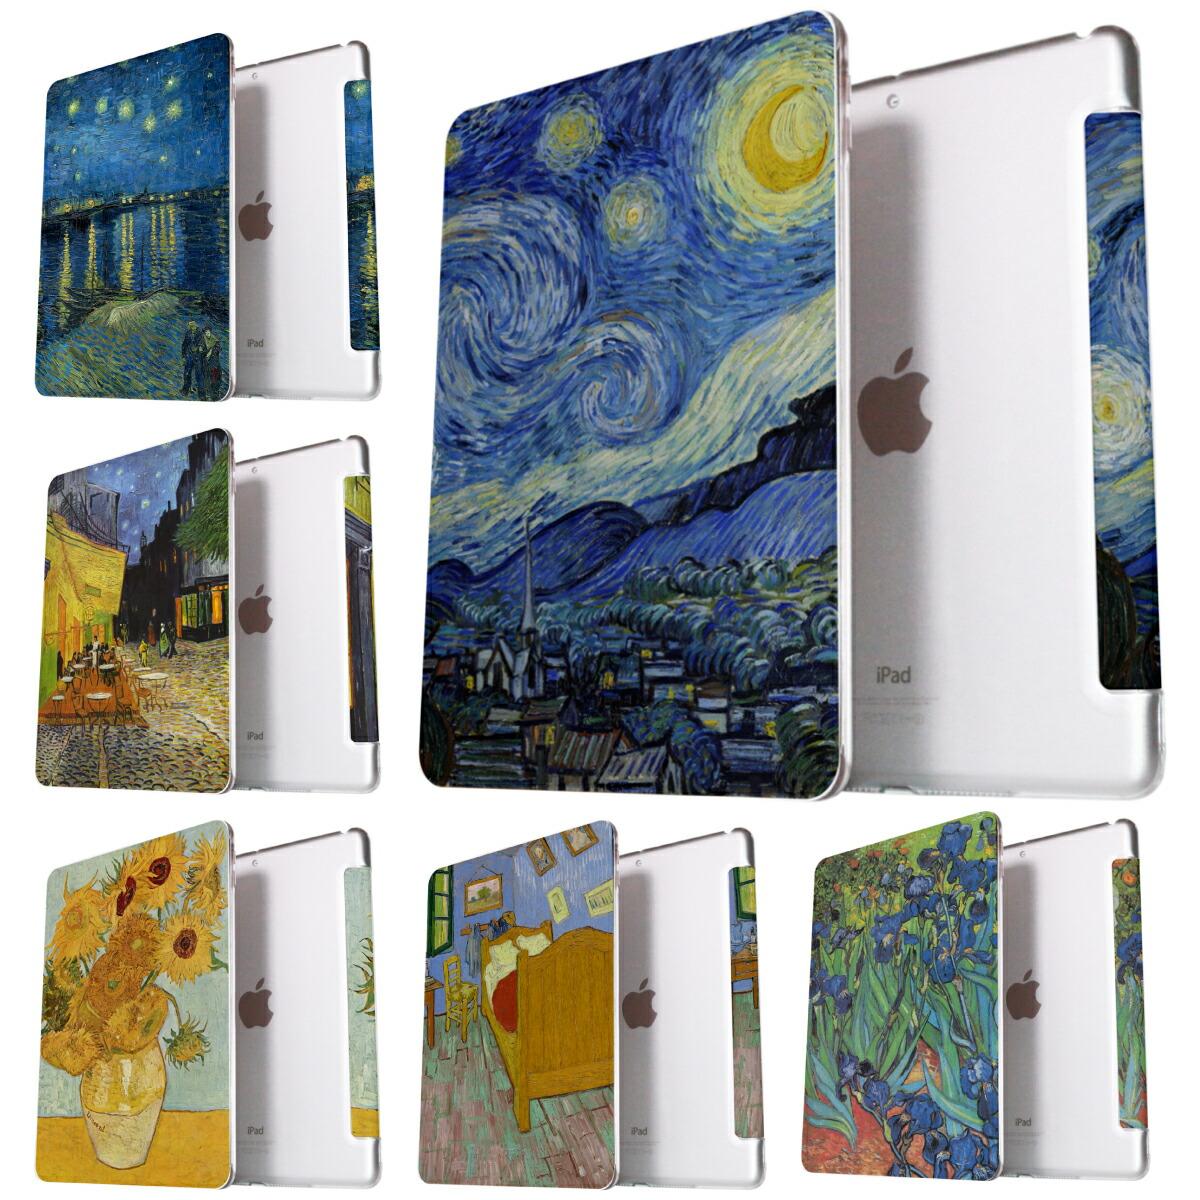 スマートケースカバー ipad 8 ケース ipad8 カバー 可愛い ipad7 7 第7世代 アイパッド 9.7 アイパッドミニ4ケース デザインケース 絵画 ipadmini 10.2インチ 9.7インチ mini5 ゴッホ 2019 ※アウトレット品 三つ折り保護カ Air4 激安通販専門店 iPad8 第8世代 2018 iPad 第6世代